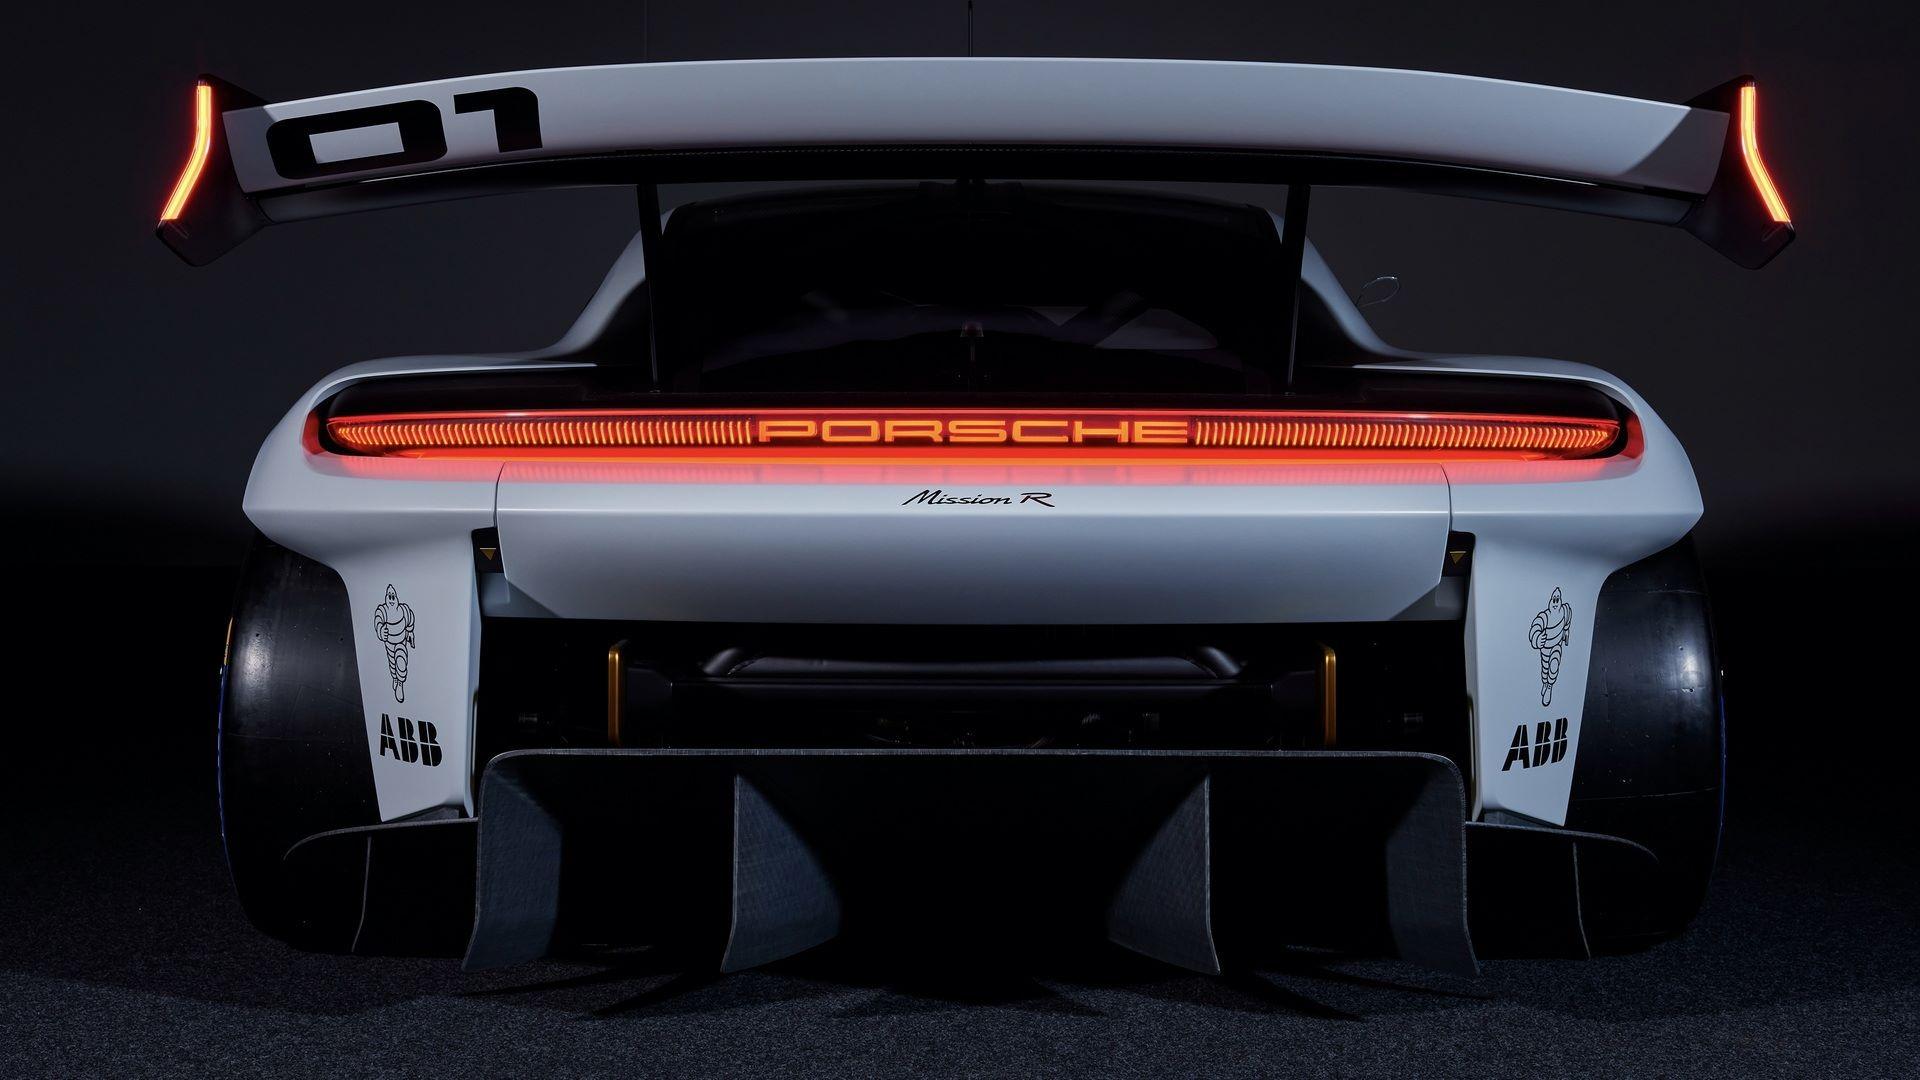 Porsche-Mission-R-concept-development-34